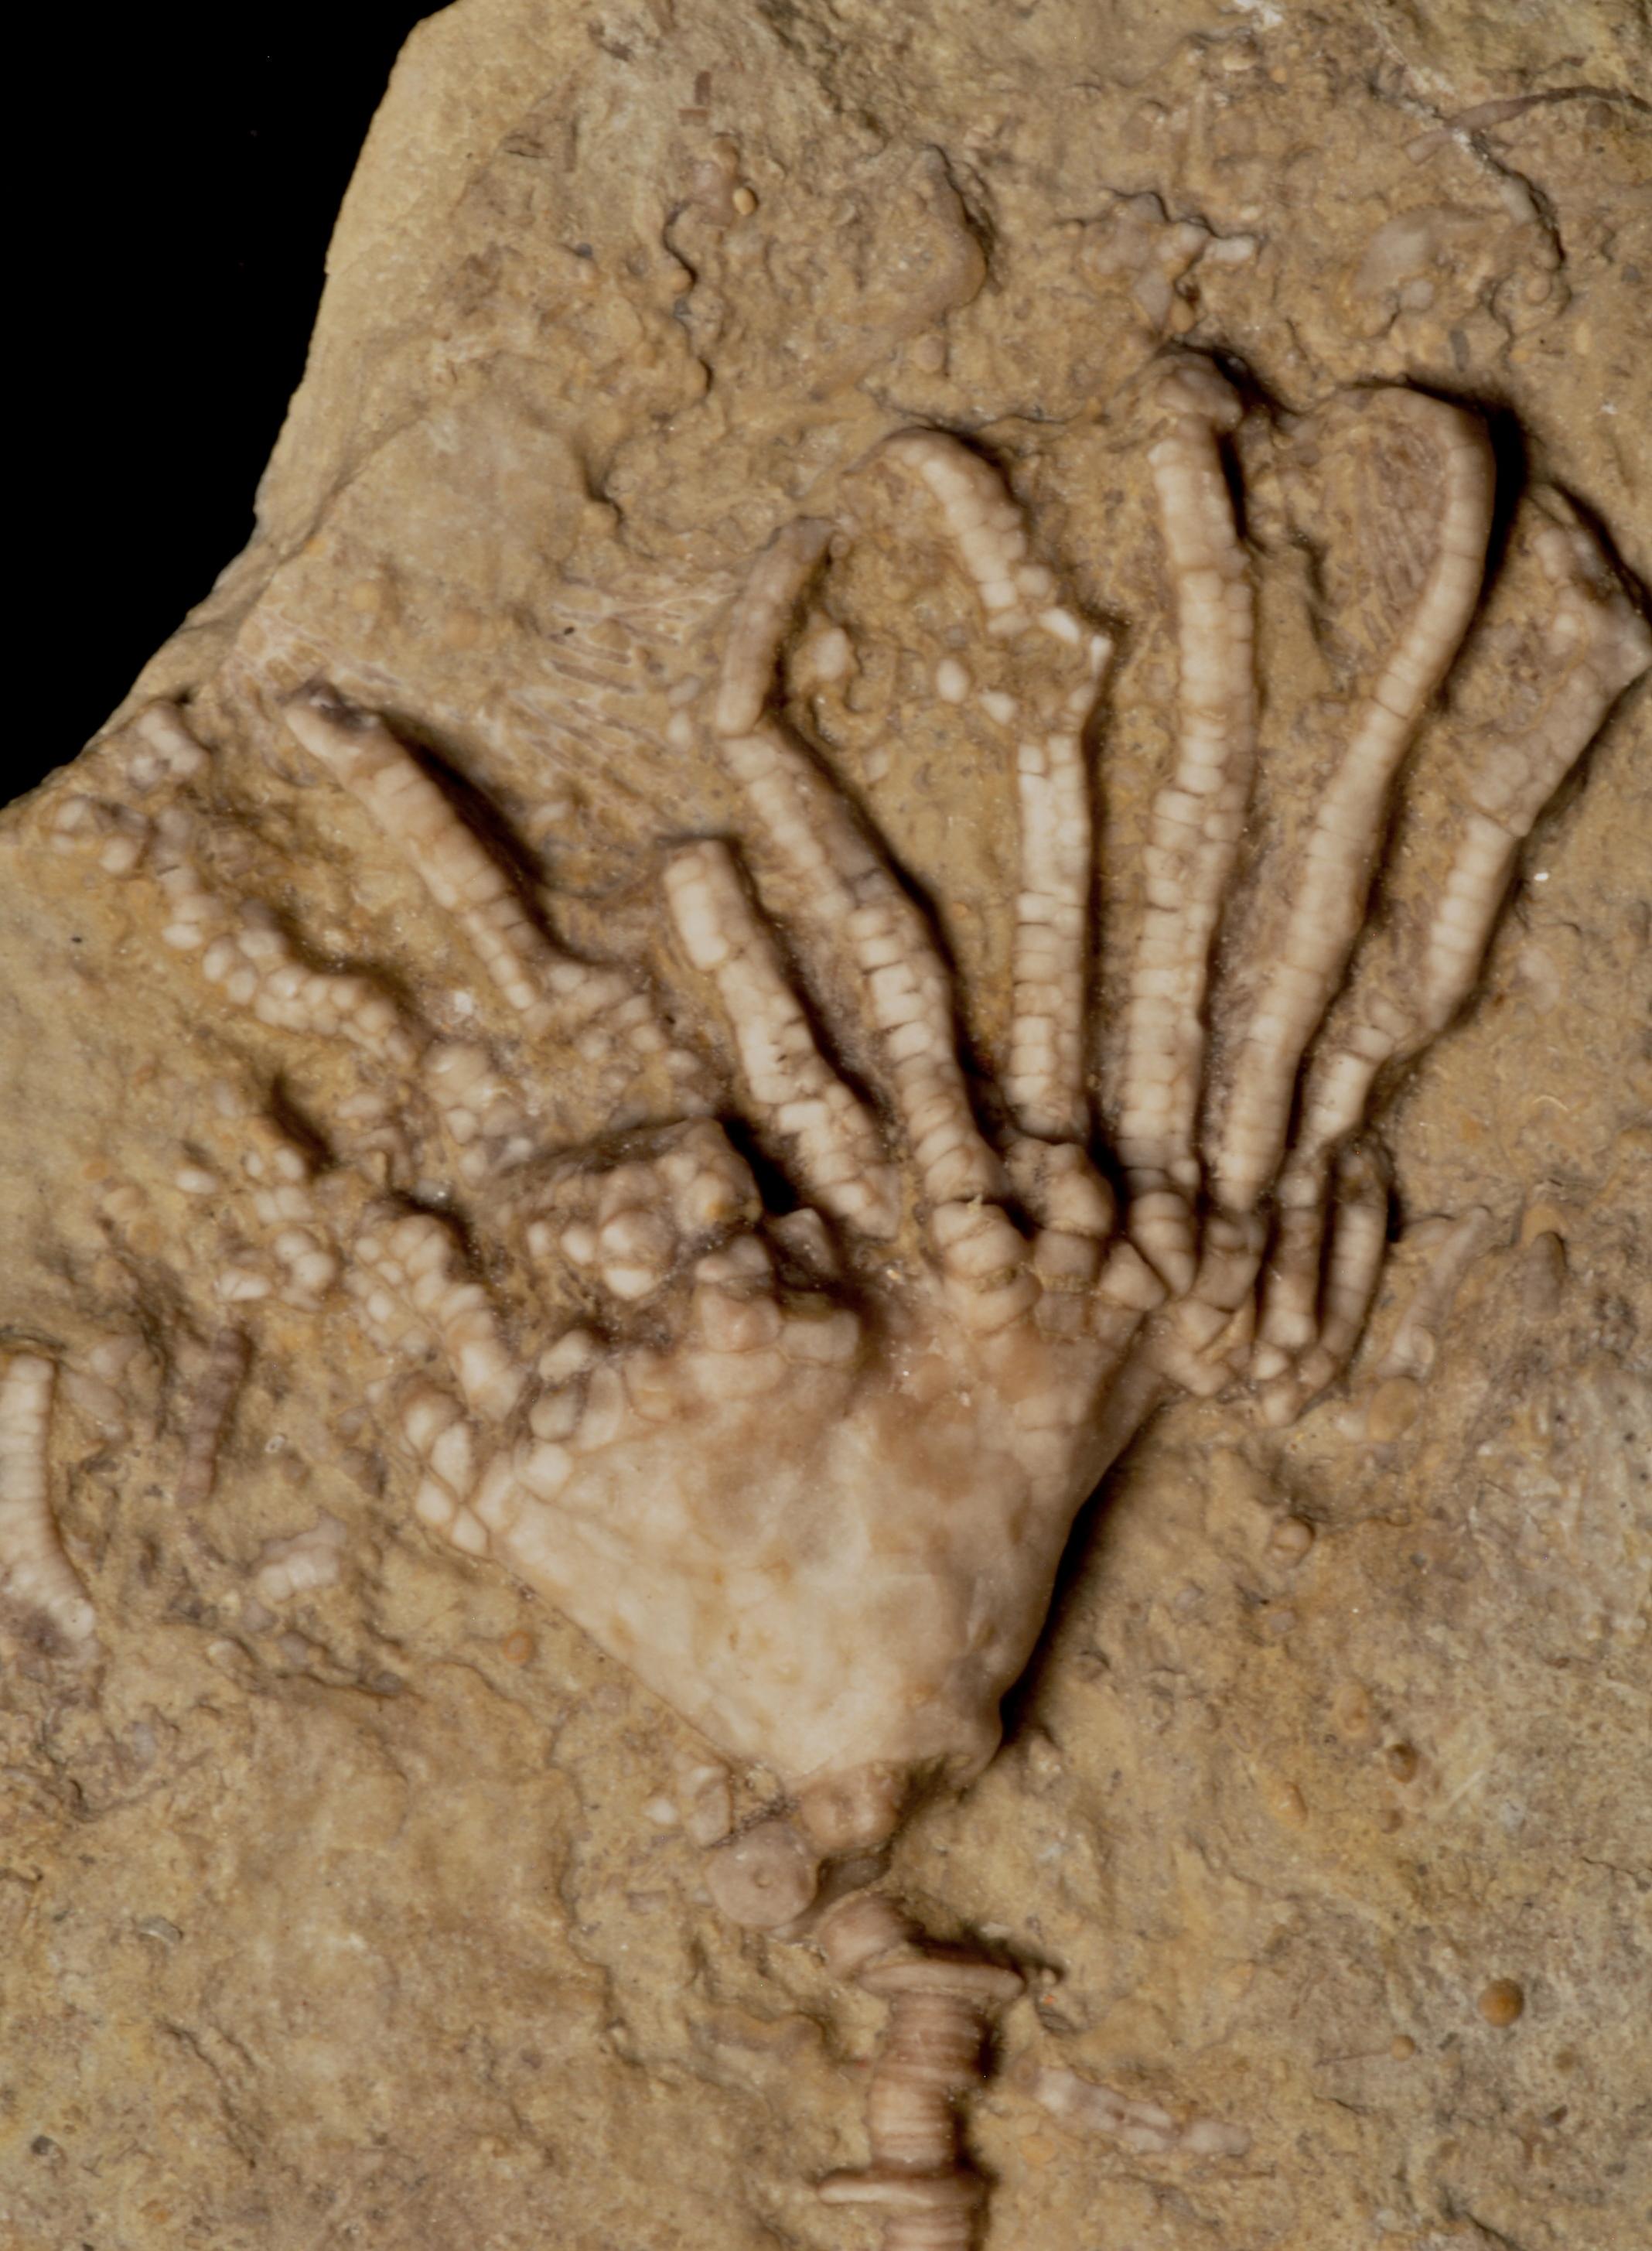 Eretomocrinus